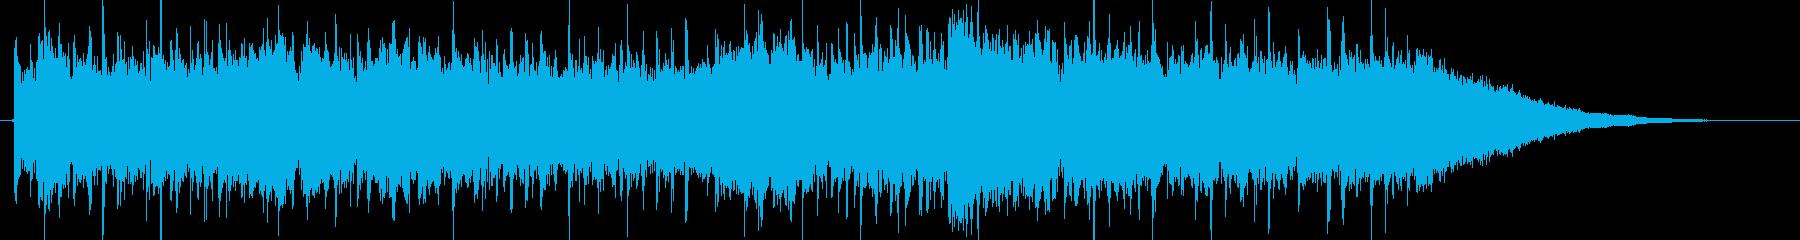 ヘビーメタルなジングルです。(約30秒)の再生済みの波形